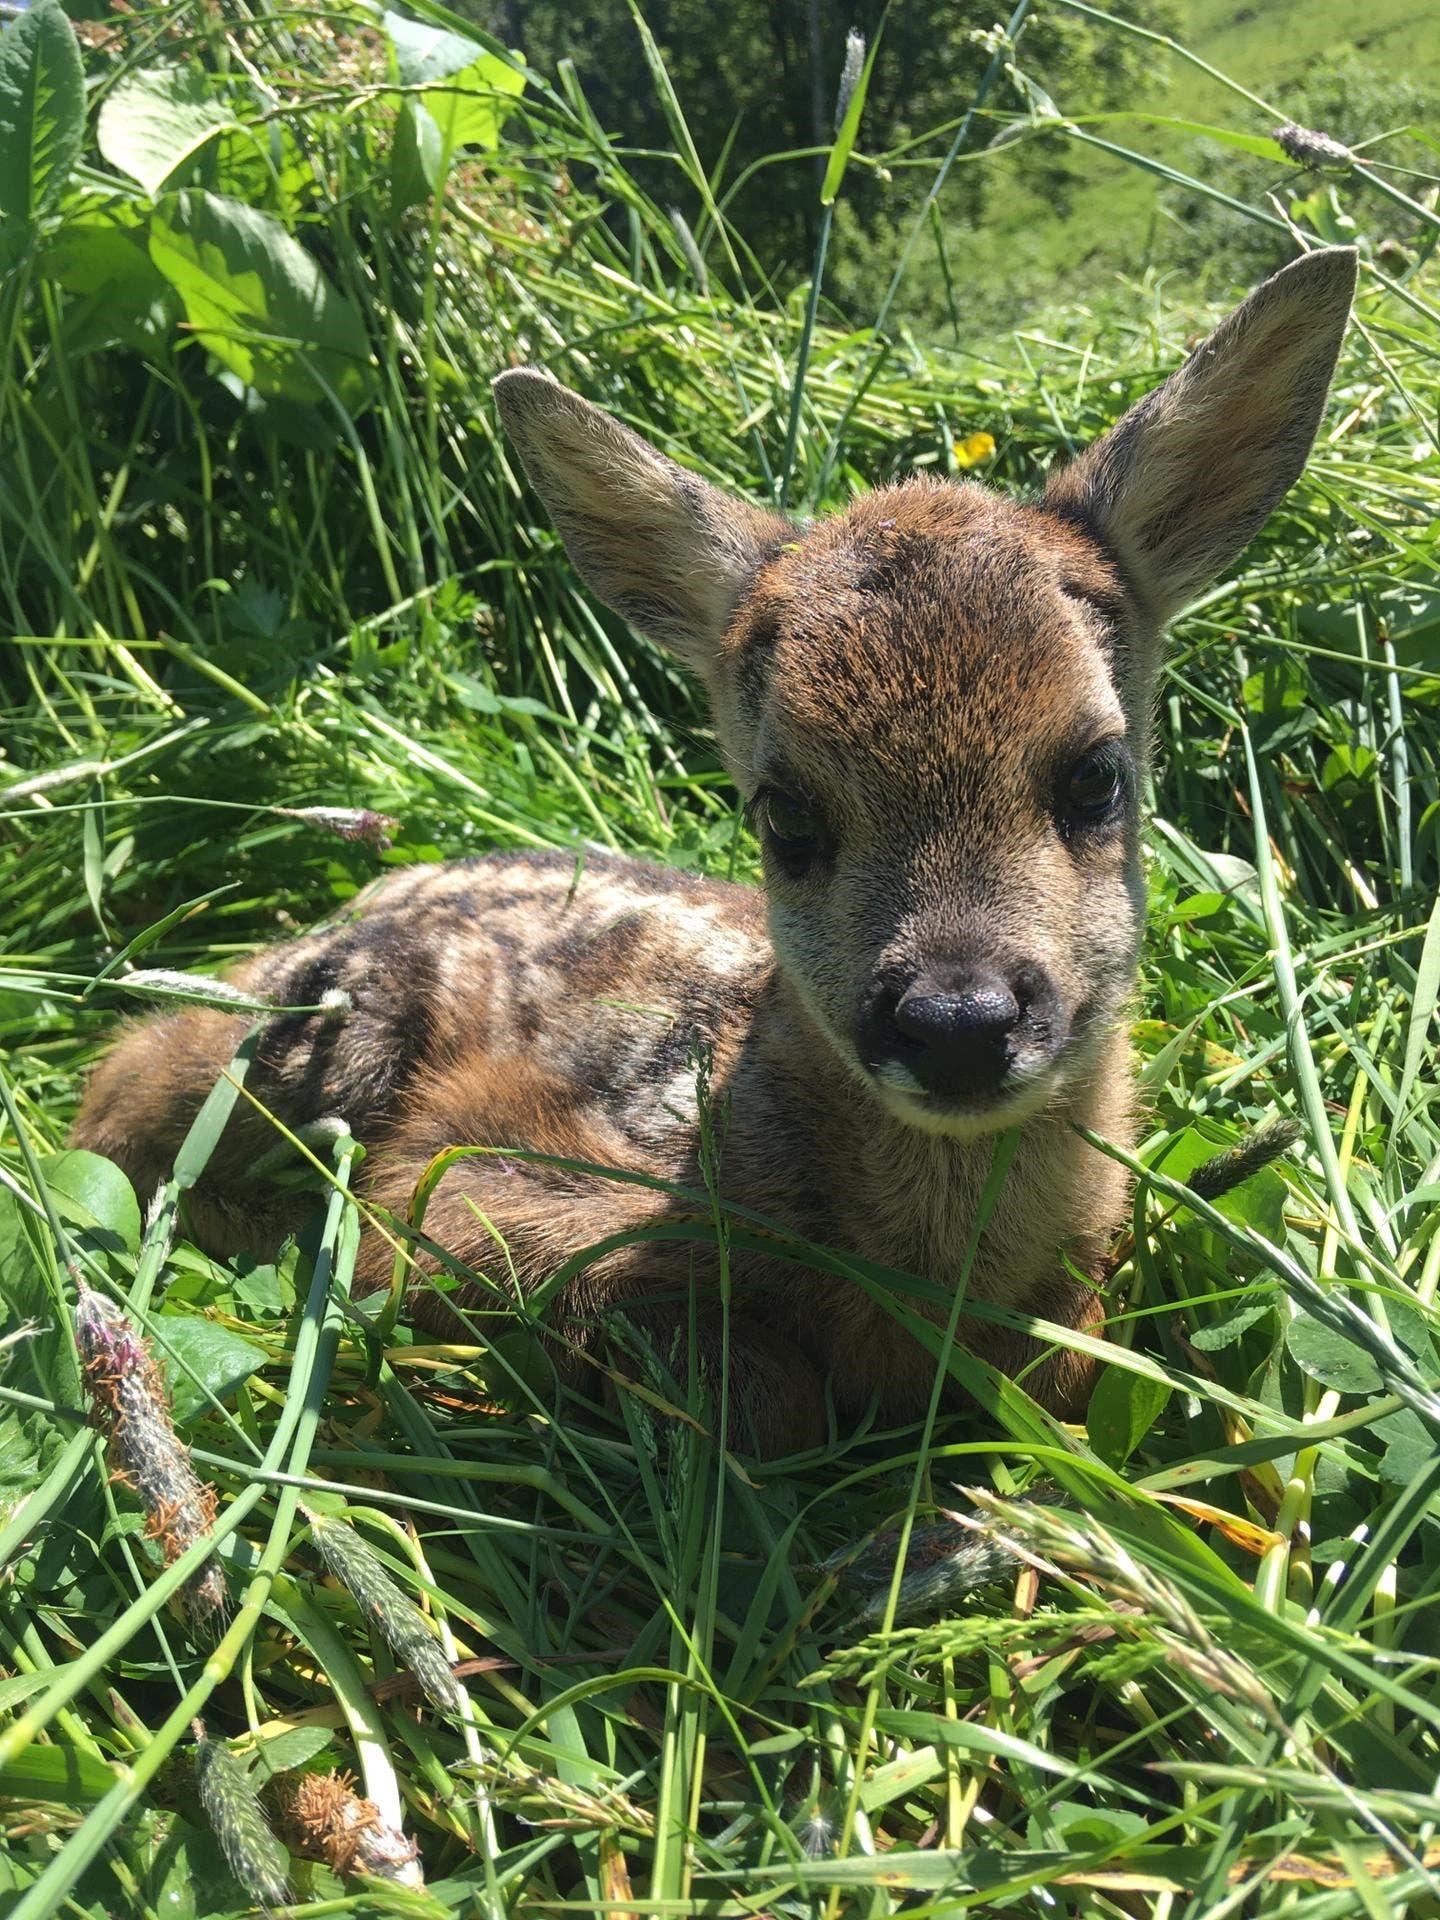 Rehkitze sollen nicht mehr im hohen Gras vermäht werden und qualvoll sterben: St.Galler Jäger starten Crowdfunding-Aktion   St.Galler Tagblatt